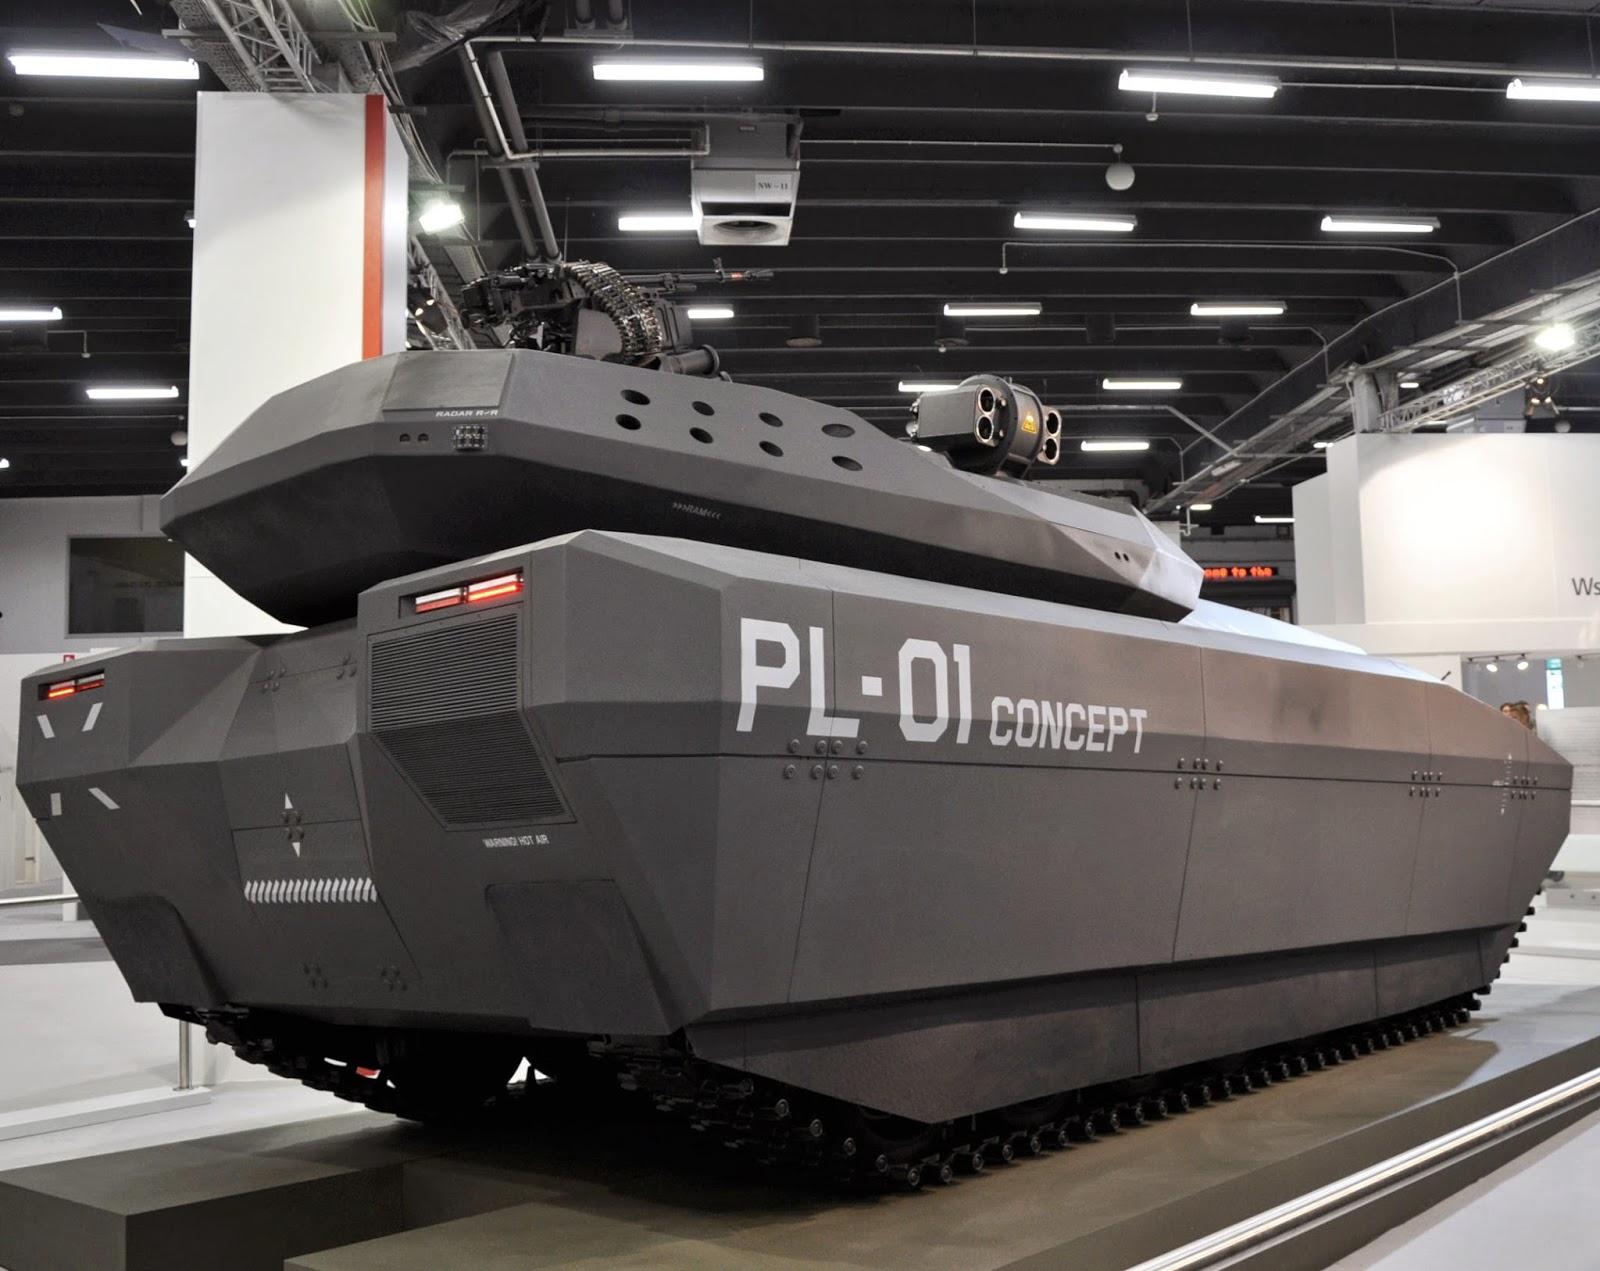 PLO-01